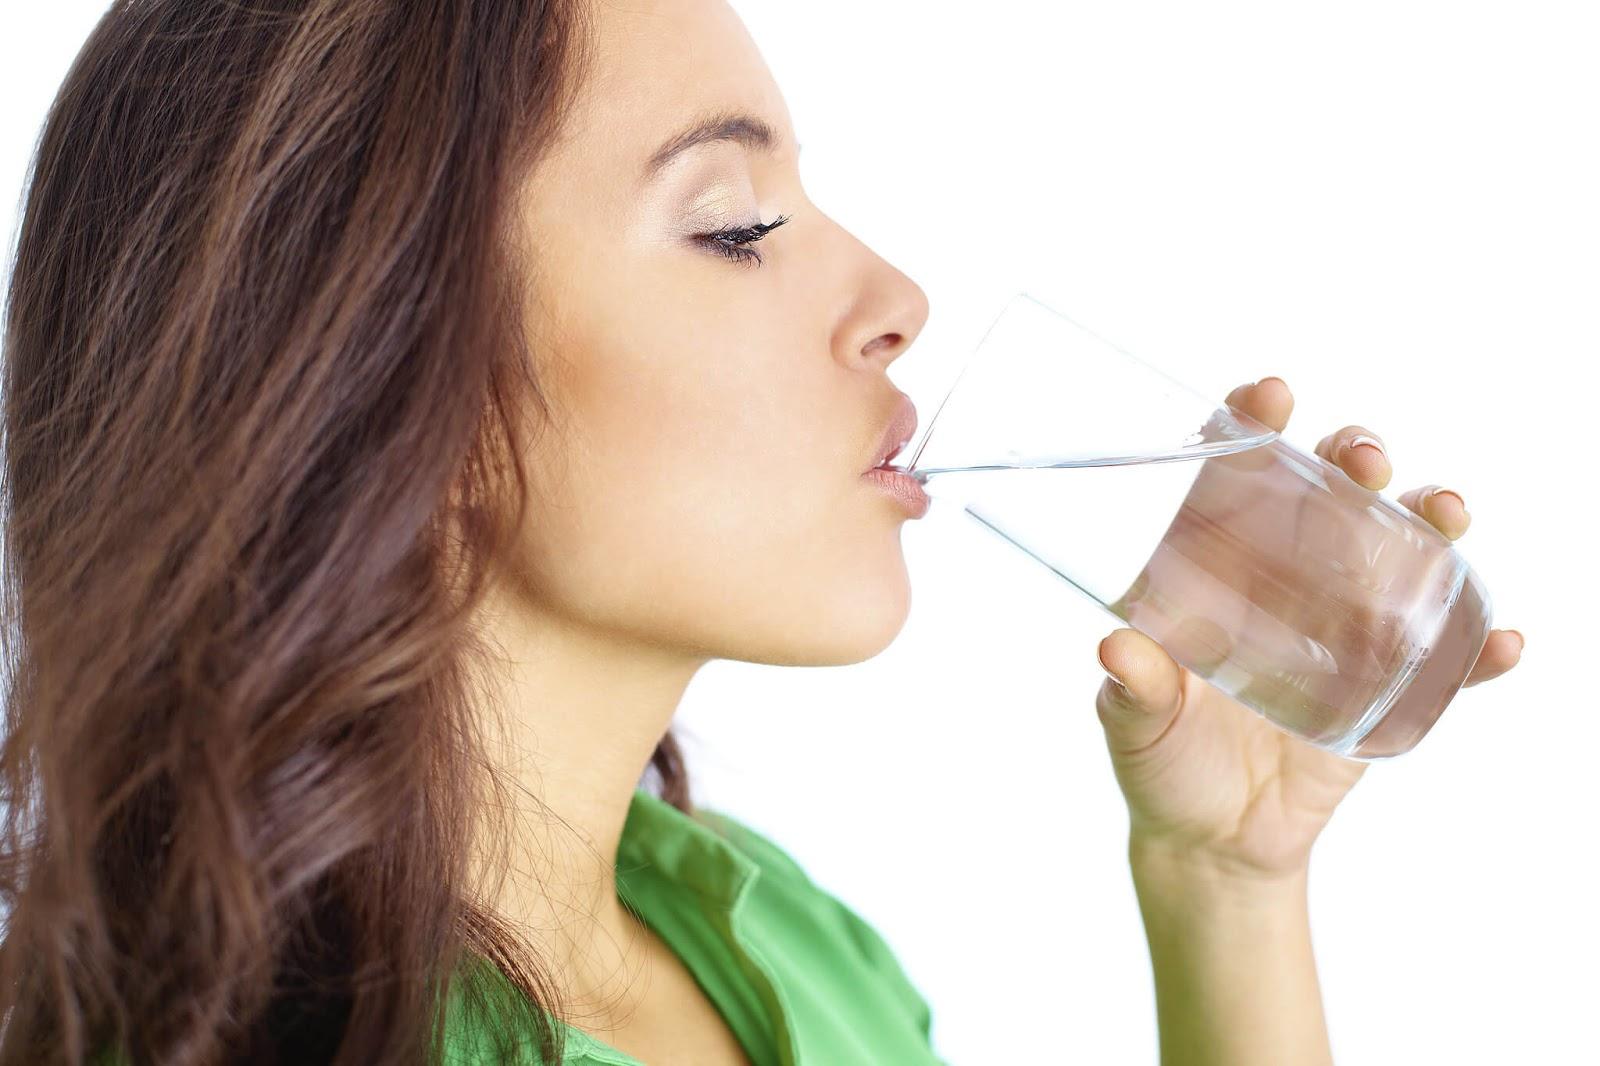 شرب الماء يوميا